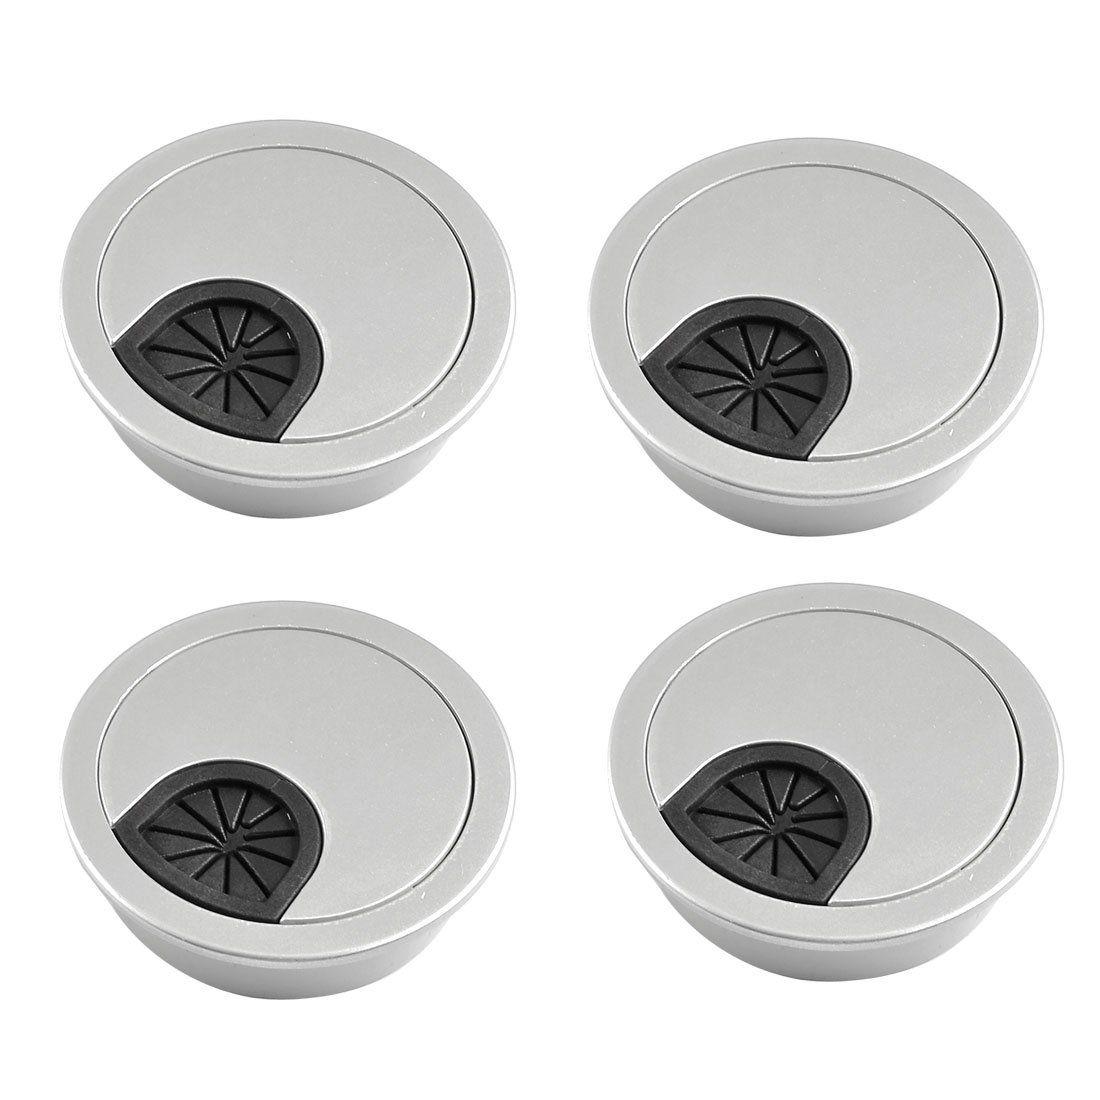 Bsbl 4 pcs round shape silver tone plastic desk grommet